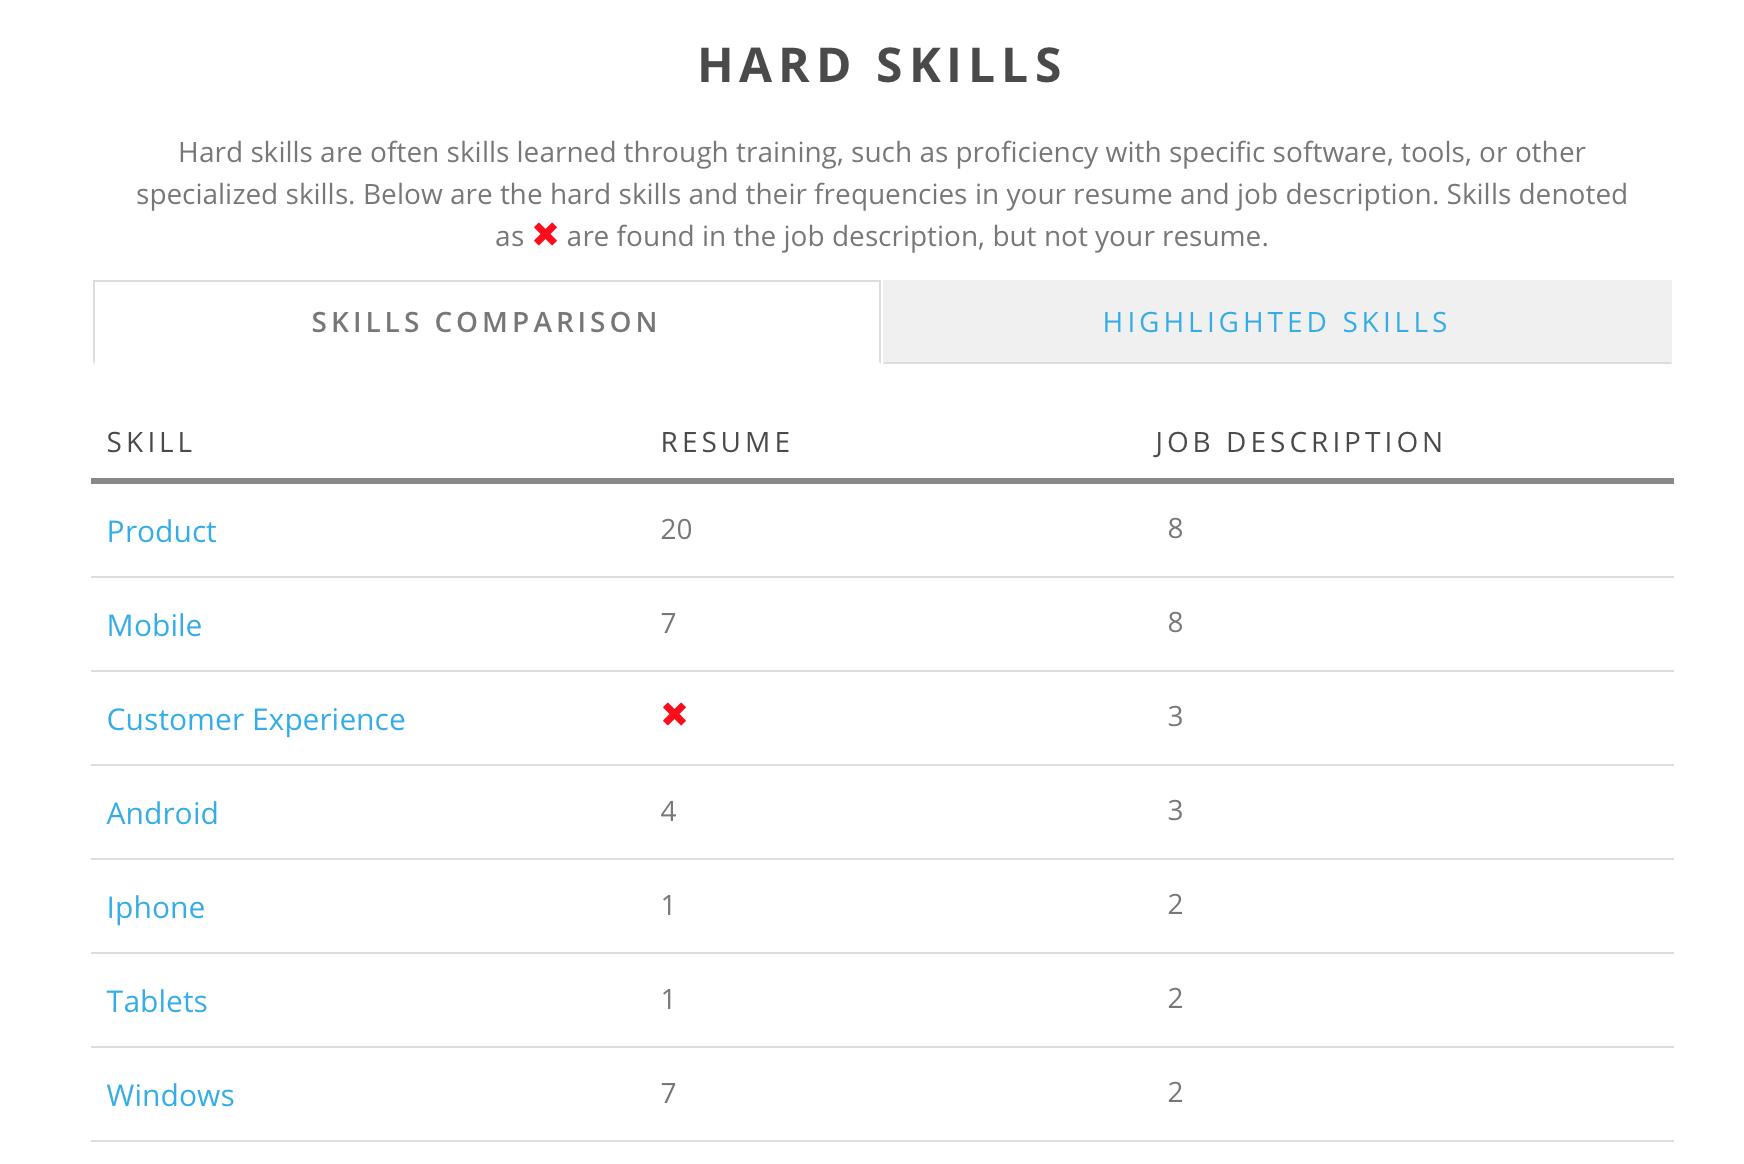 """travail à partir de l'aide à la maison Résumé """"width ="""" 1744 """"height ="""" 1164 """"/> </p> <p> L'utilisation de Jobscan peut aider à améliorer votre CV, ce qui peut conduire à des interviews encore plus éloignées! Vous pouvez essayer gratuitement Jobscan et commencer à optimiser votre CV aujourd'hui. Assurez-vous de vous arrêter dans leur blog pour des conseils de CV encore plus utiles et des ressources professionnelles gratuites. </p> <h2> Créer un curriculum vitae à distance </h2> <p> Rappelez-vous, bien qu'il soit facile de télécharger le même CV pour chaque travail à distance que vous postulez, il ne donnera pas les meilleurs résultats. Au lieu de cela, prenez le temps pour optimiser le mot-clé chaque résumé que vous soumettez! Dans le monde de la recherche d'emplois à distance, ce n'est pas la quantité d'applications que vous envoyez, mais la qualité. Prêt à mettre ce curriculum vitae en action? Assurez-vous de consulter mes 22 blogs favoris, sites Web et conseils d'emploi pour des emplois légitimes de travail à domicile. </p> <p> Se sentir coincé? Avoir une question? Frappez-moi avec eux dans les commentaires ci-dessous! Je suis toujours heureux de vous aider. </p> <p> Heureusement, </p> <p> Ashlee </p> <p> P.S. <em> Cette publication contient des liens d'affiliation pour Jobscan. Je ne recommande que les produits que j'utilise et fais confiance. En savoir plus sur mon utilisation des liens d'affiliation en lisant mon énoncé de divulgation! </em> </p> <div class="""